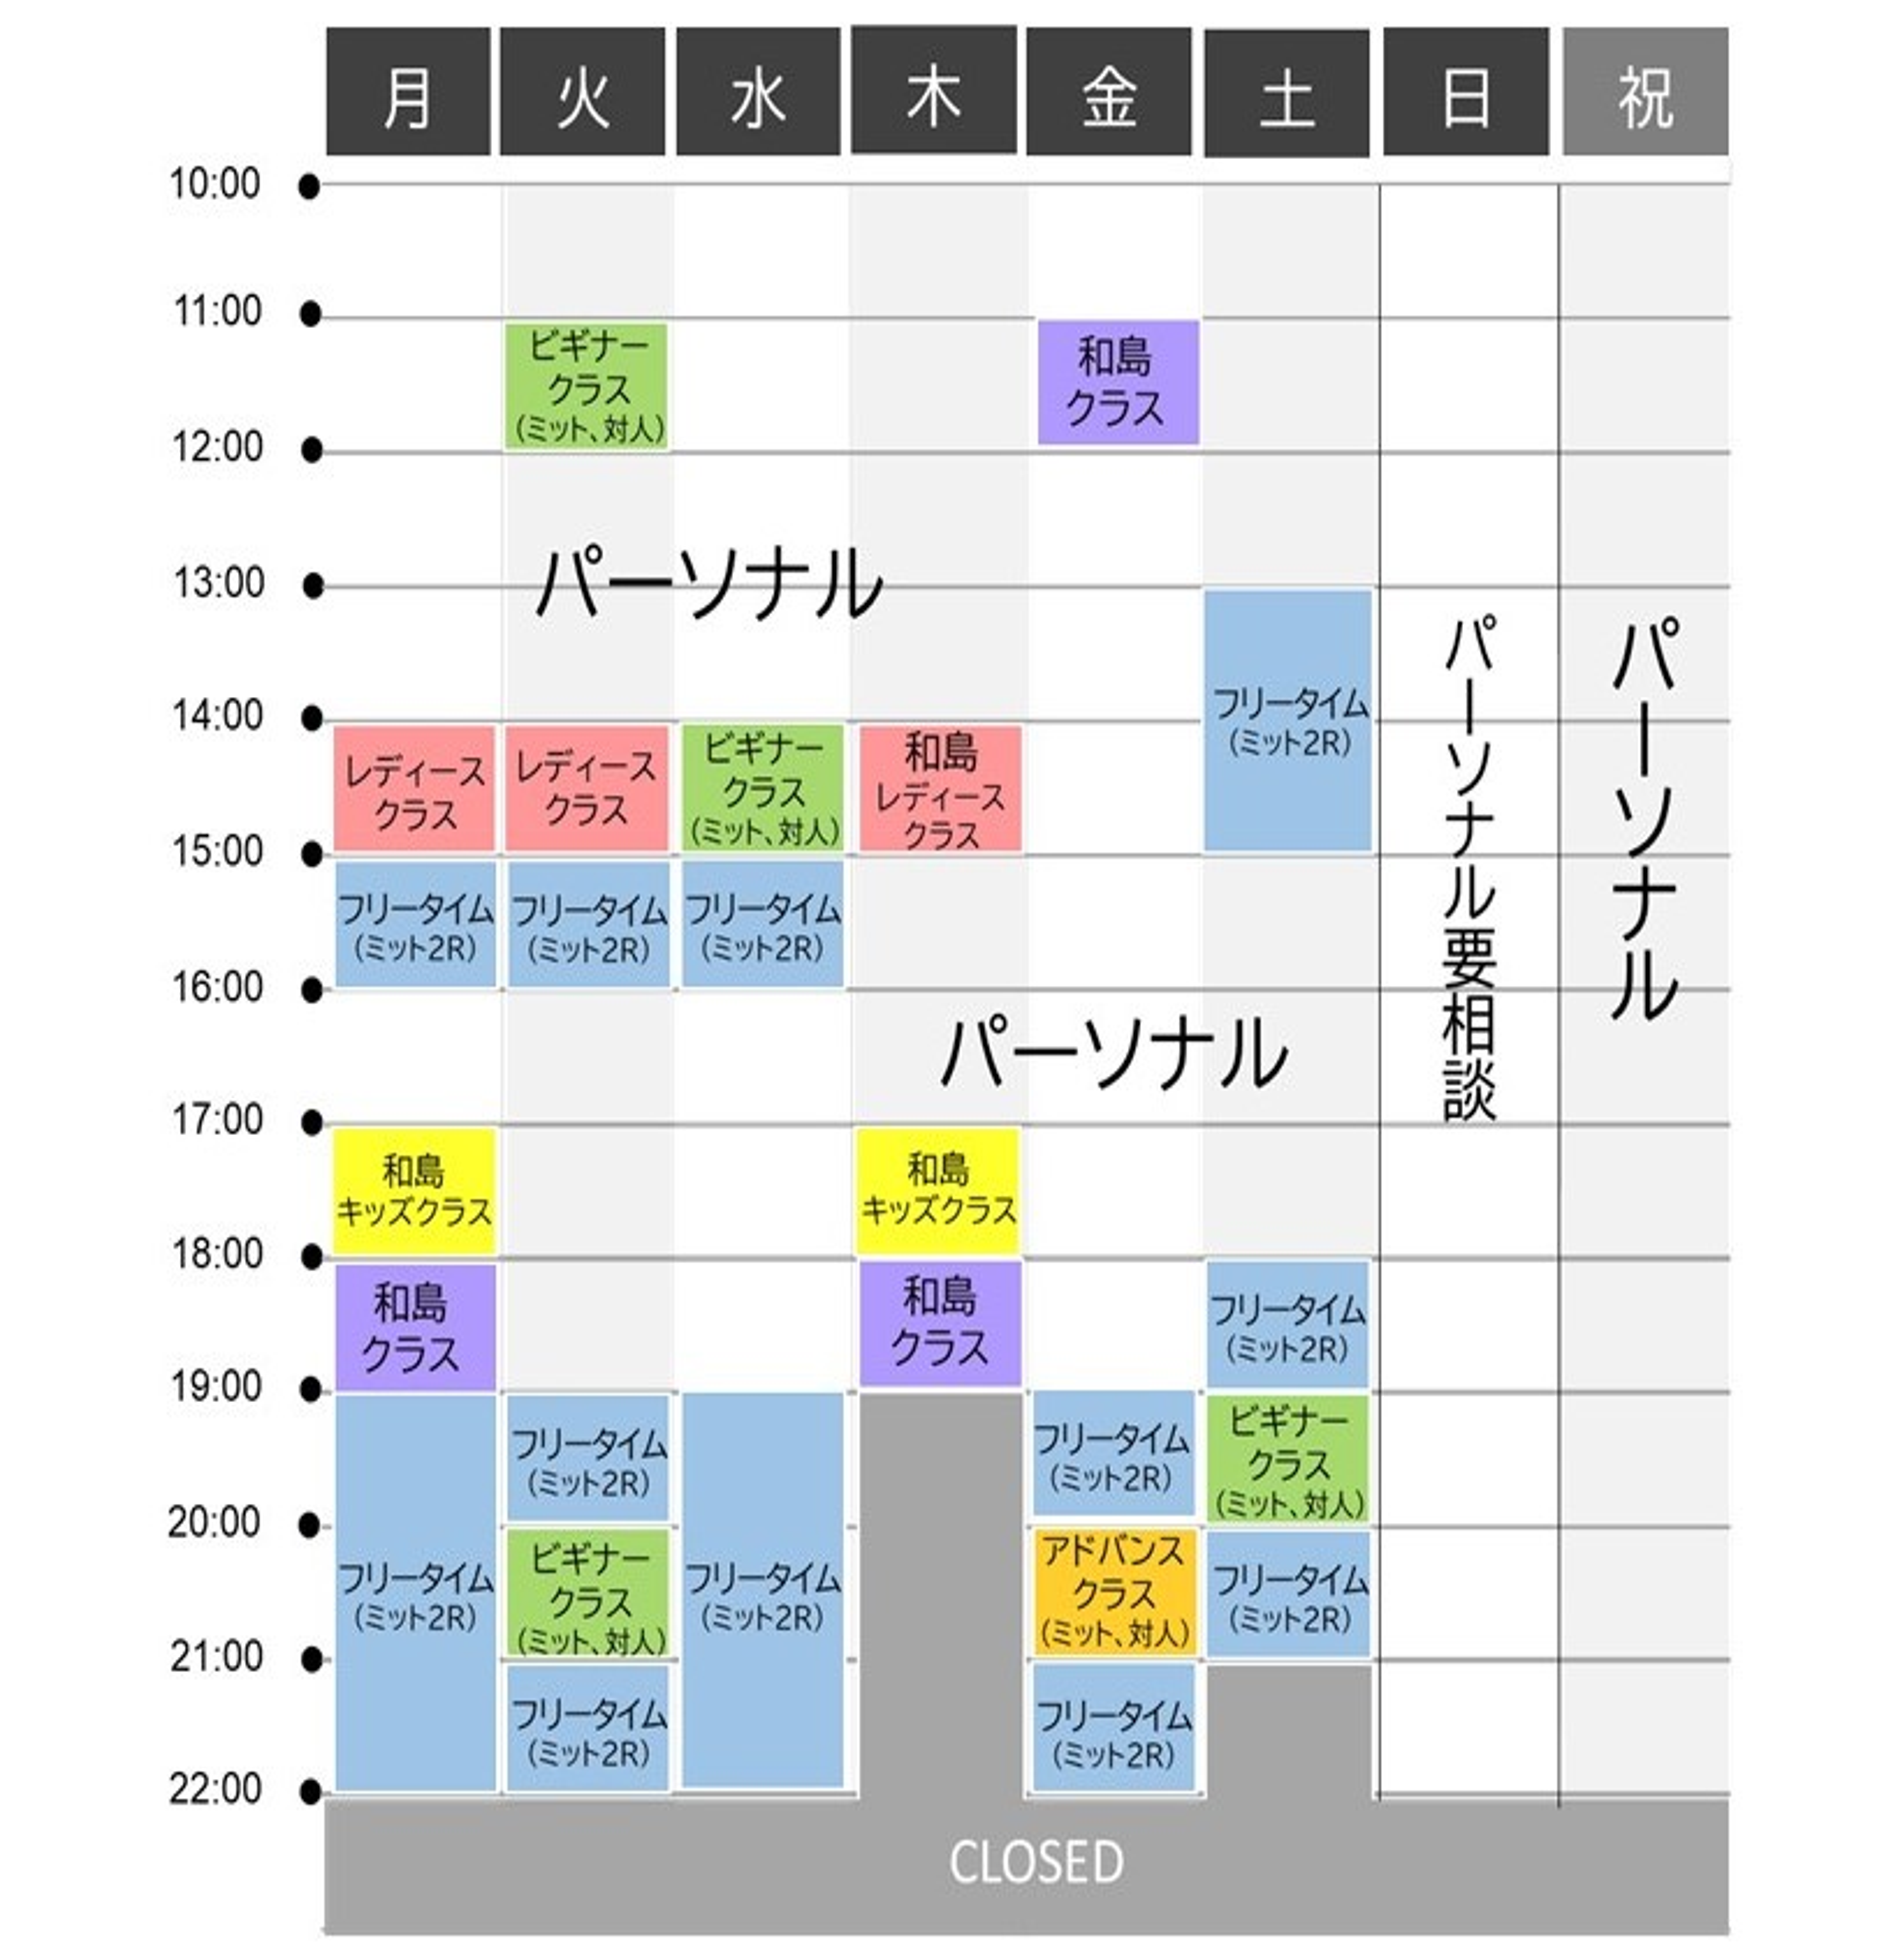 十三店(大阪市淀川区)大阪の十三、塚本、南方パーソナルトレーニングジム、キックボクシング